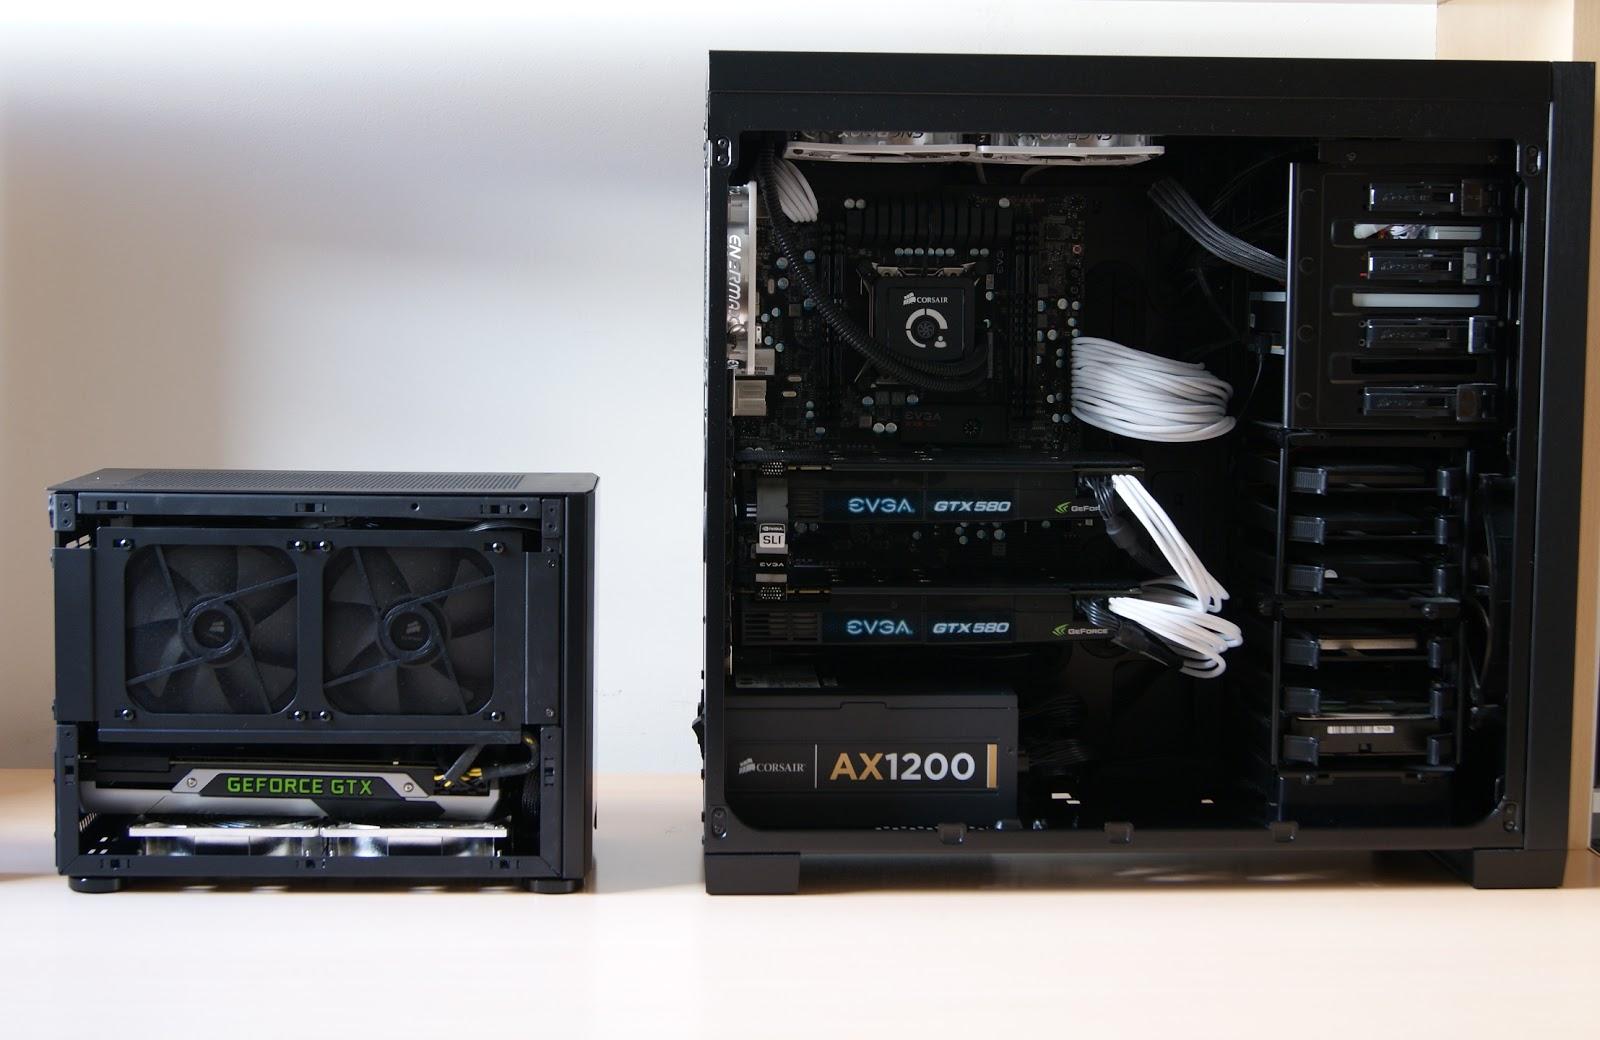 Minimax vs Blackow: i7-4770K vs i7-3930K, GTX 780 Ti vs GTX 580 SLI